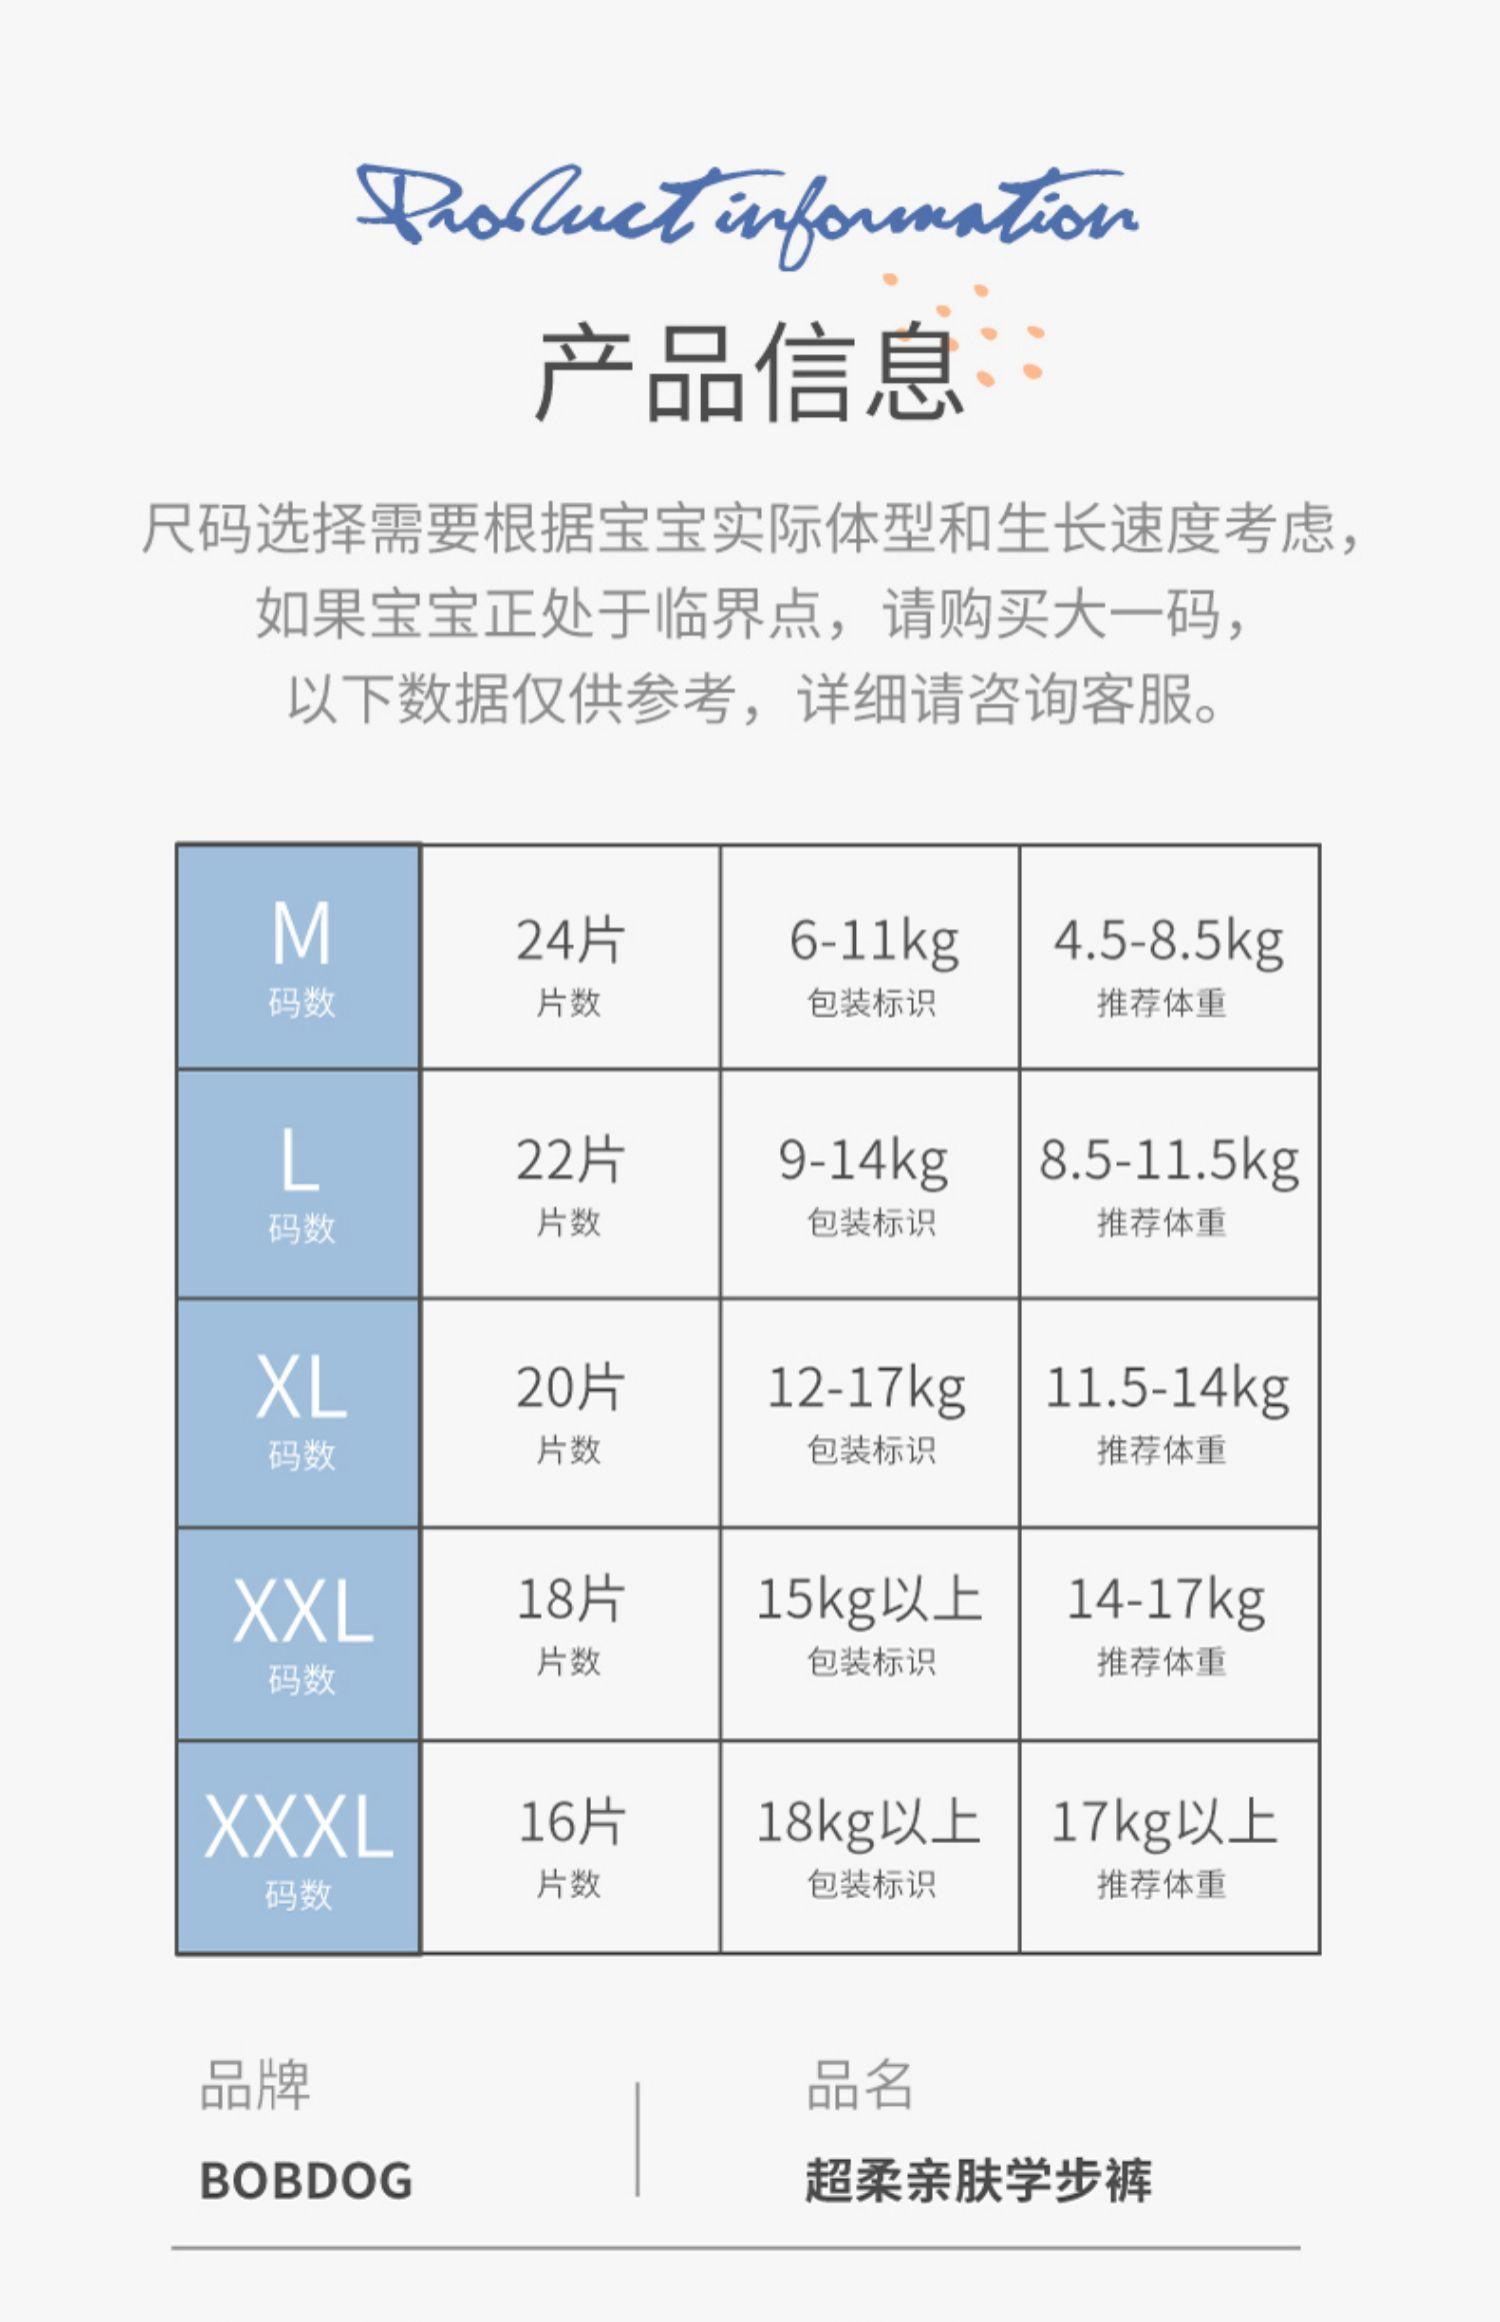 【首单礼金5元】透气超薄纸尿裤拉拉裤